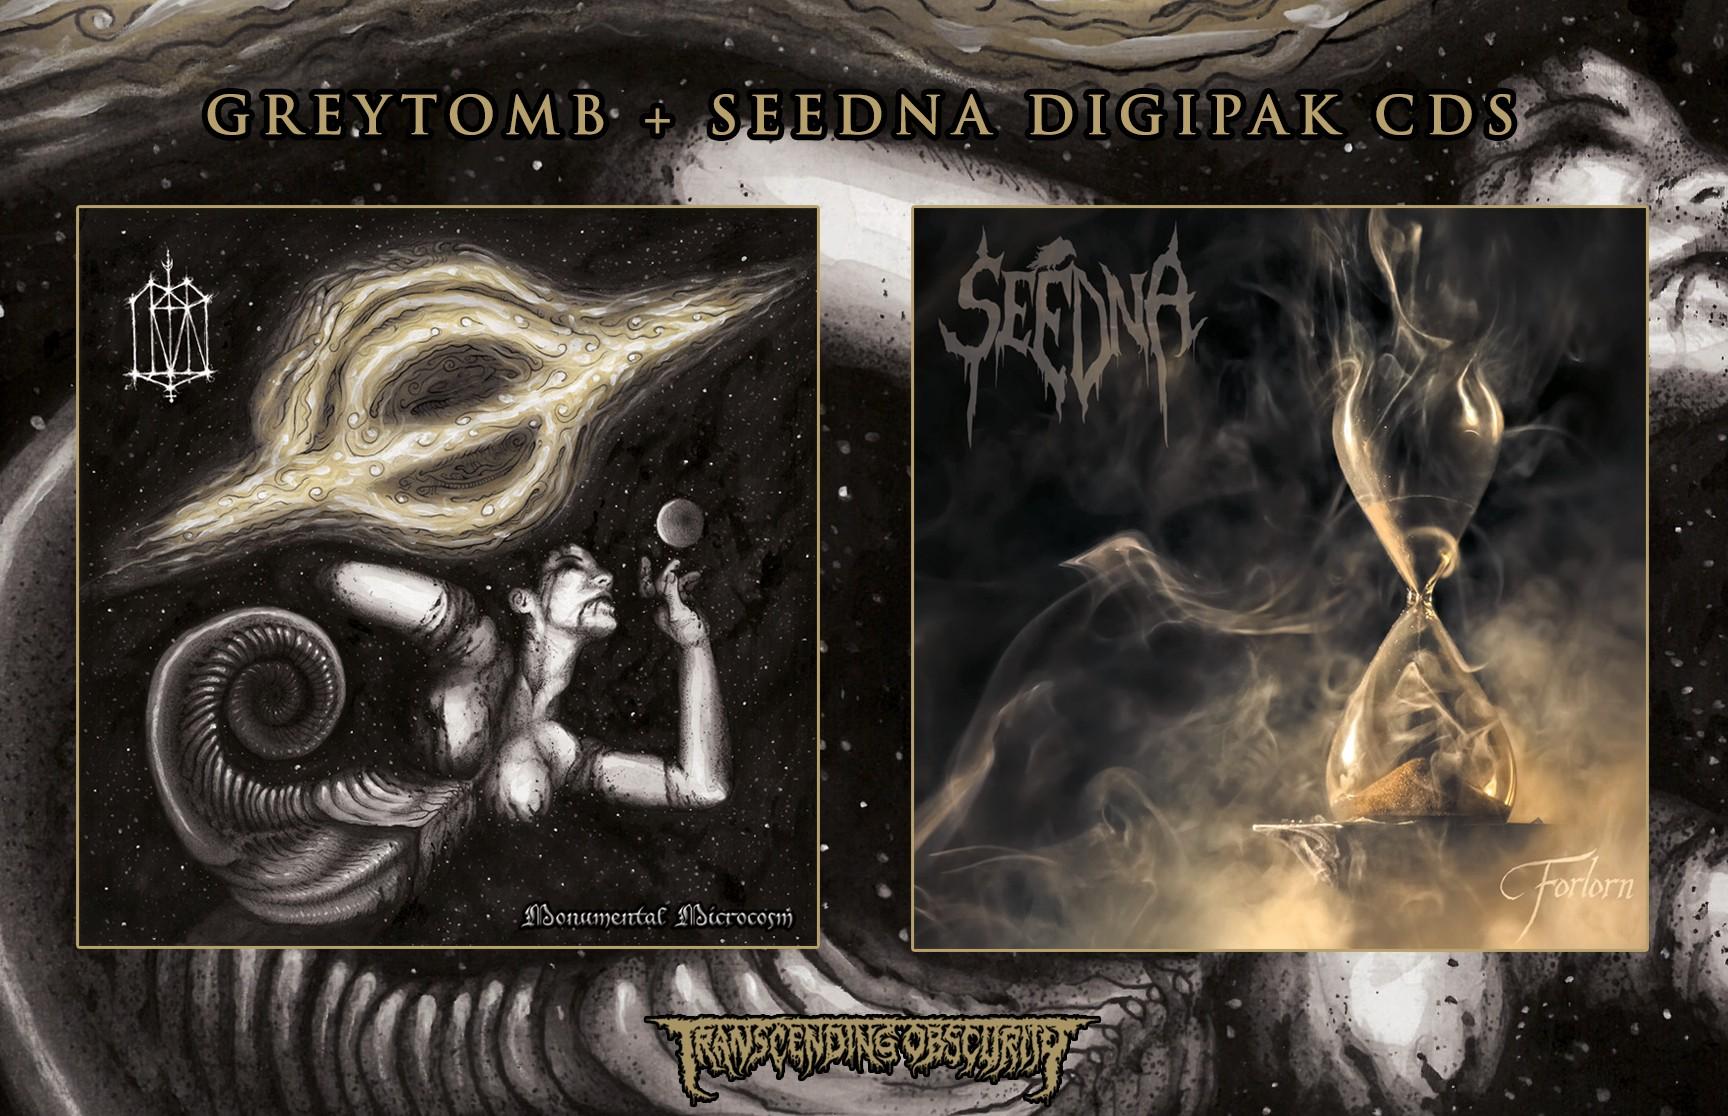 Greytomb (Australia) + Seedna (Sweden) - Atmospheric Black Metal Combo!